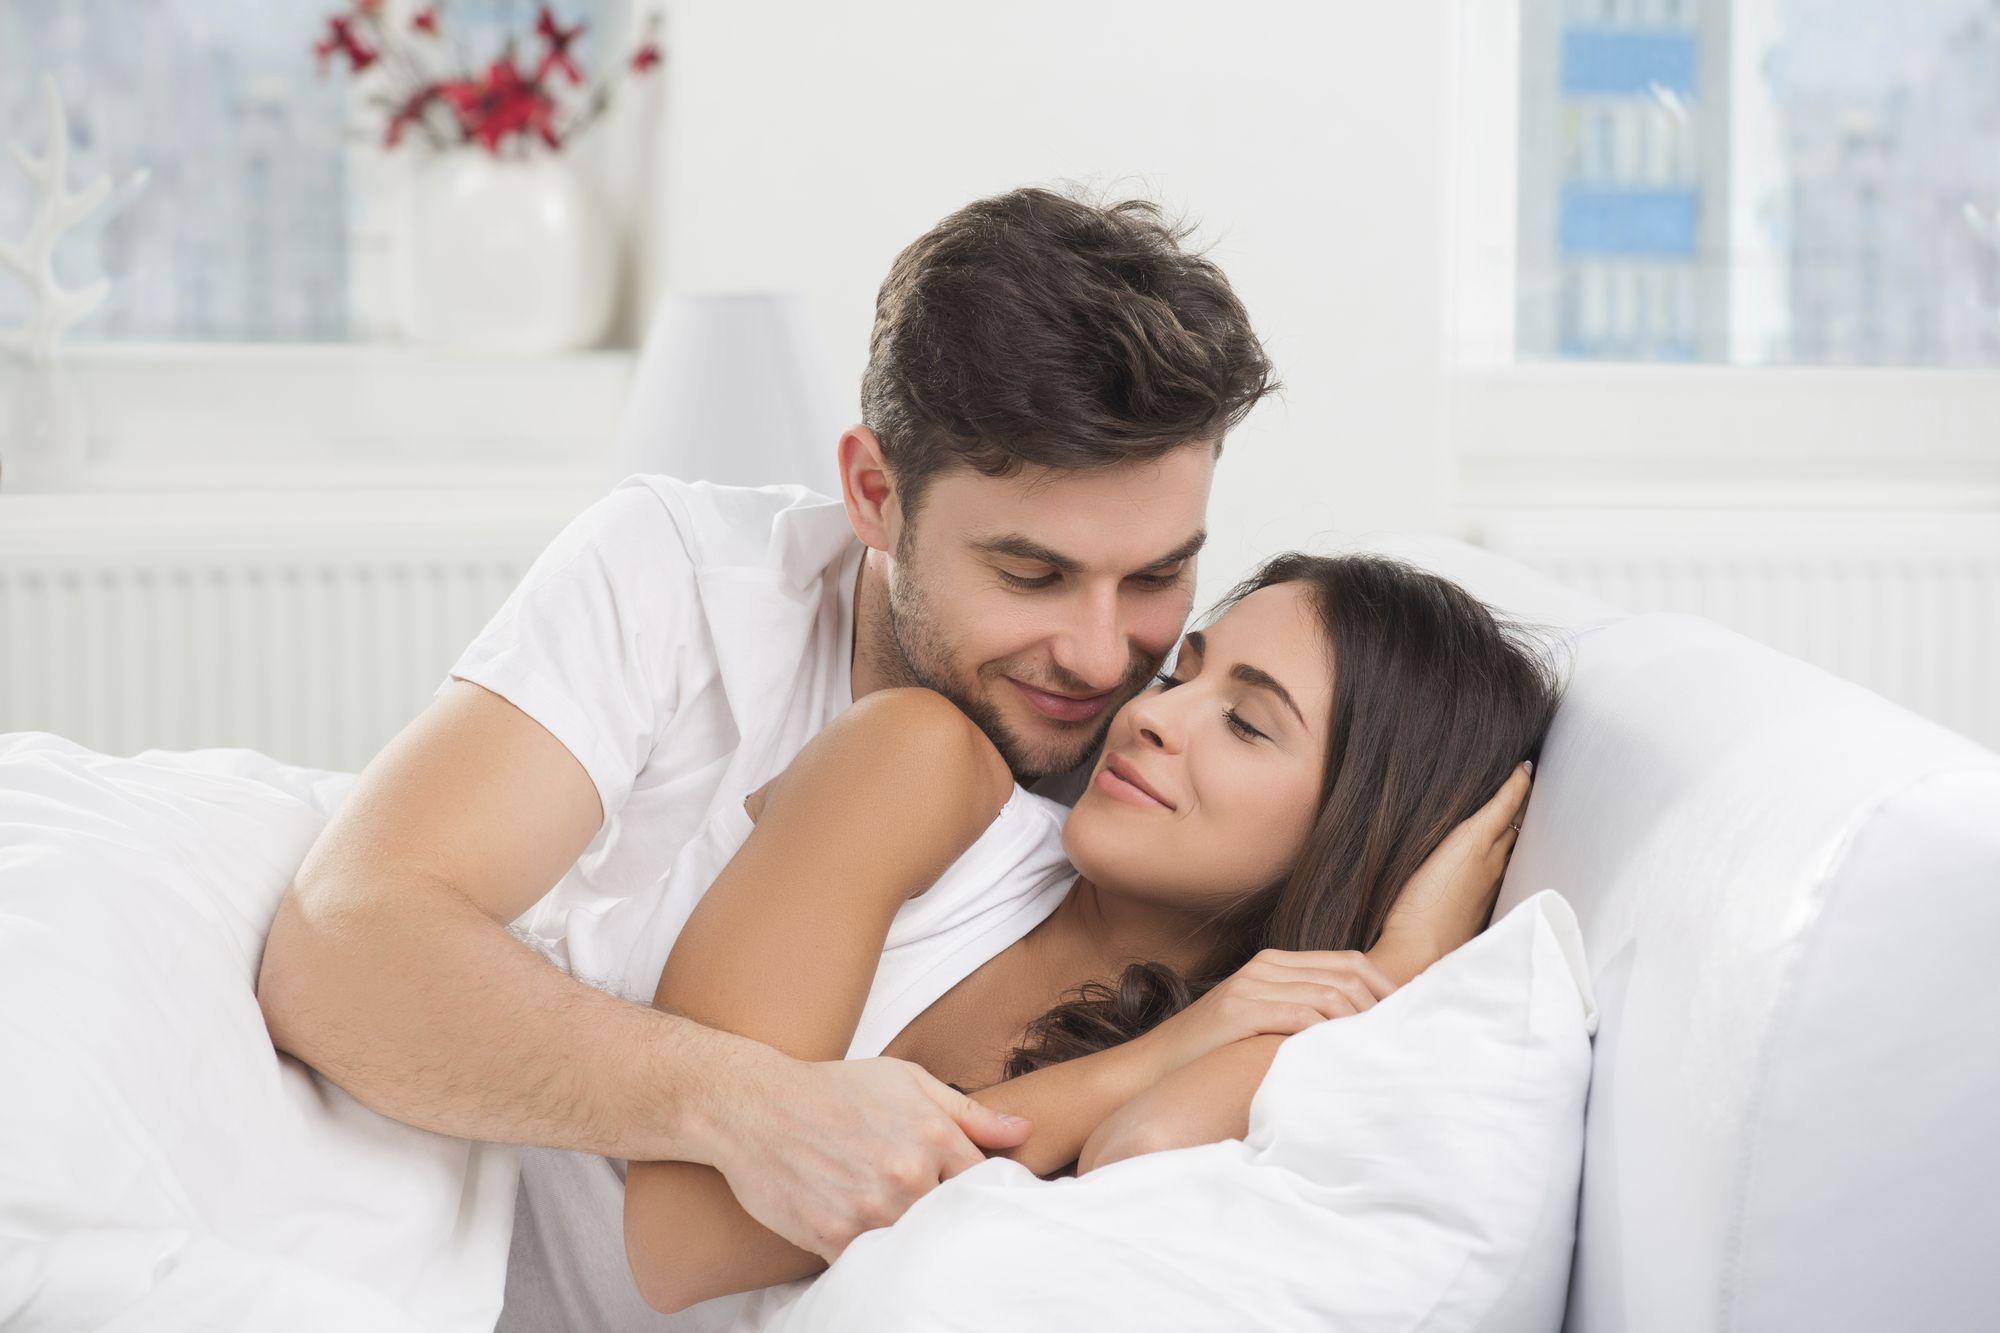 les hommes qui aiment le sexe anal